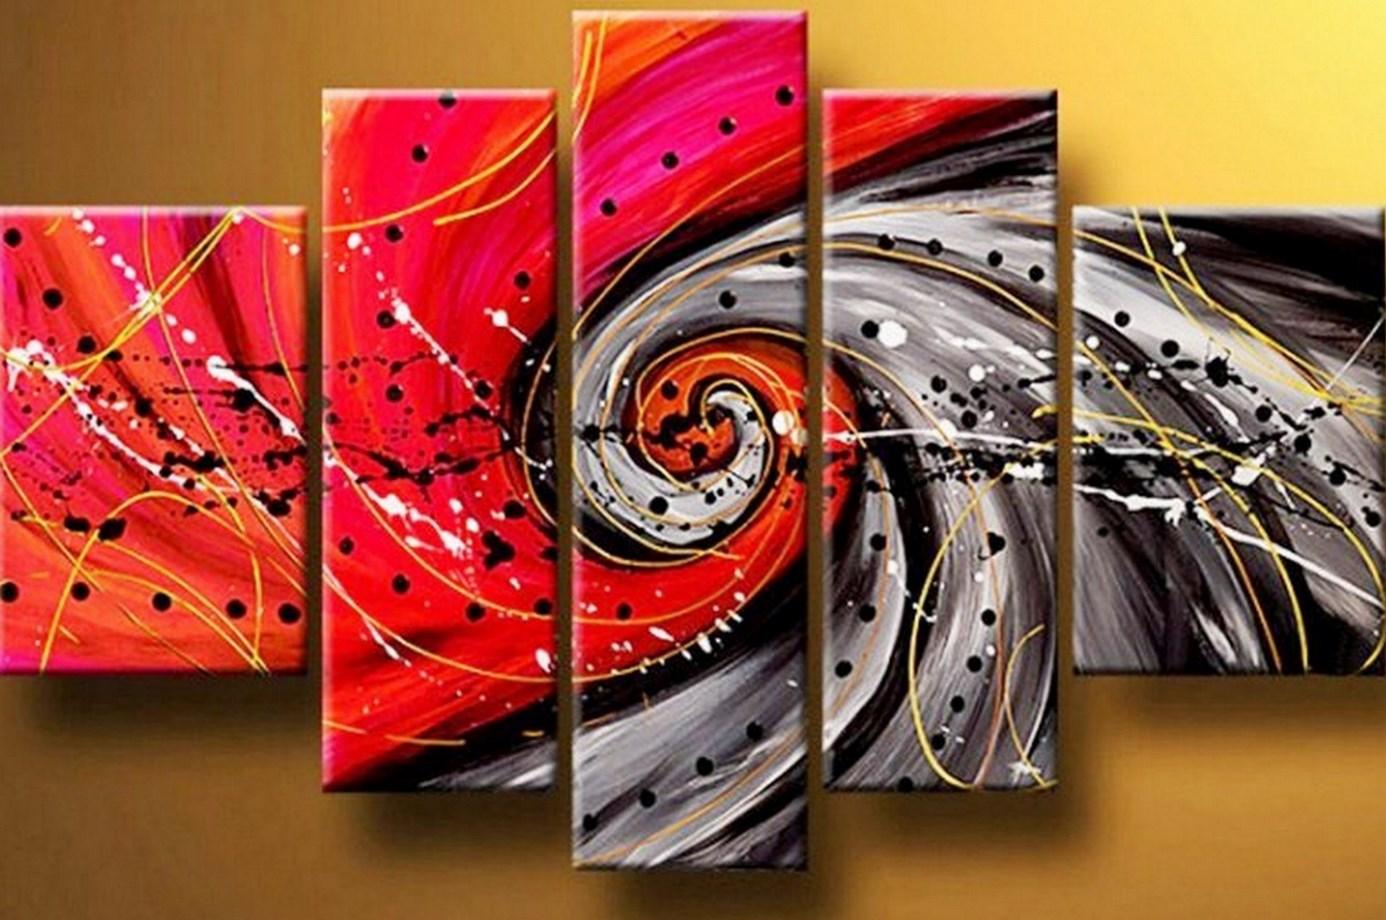 Pintura y fotograf a art stica 07 13 13 for Imagenes de cuadros abstractos faciles de hacer